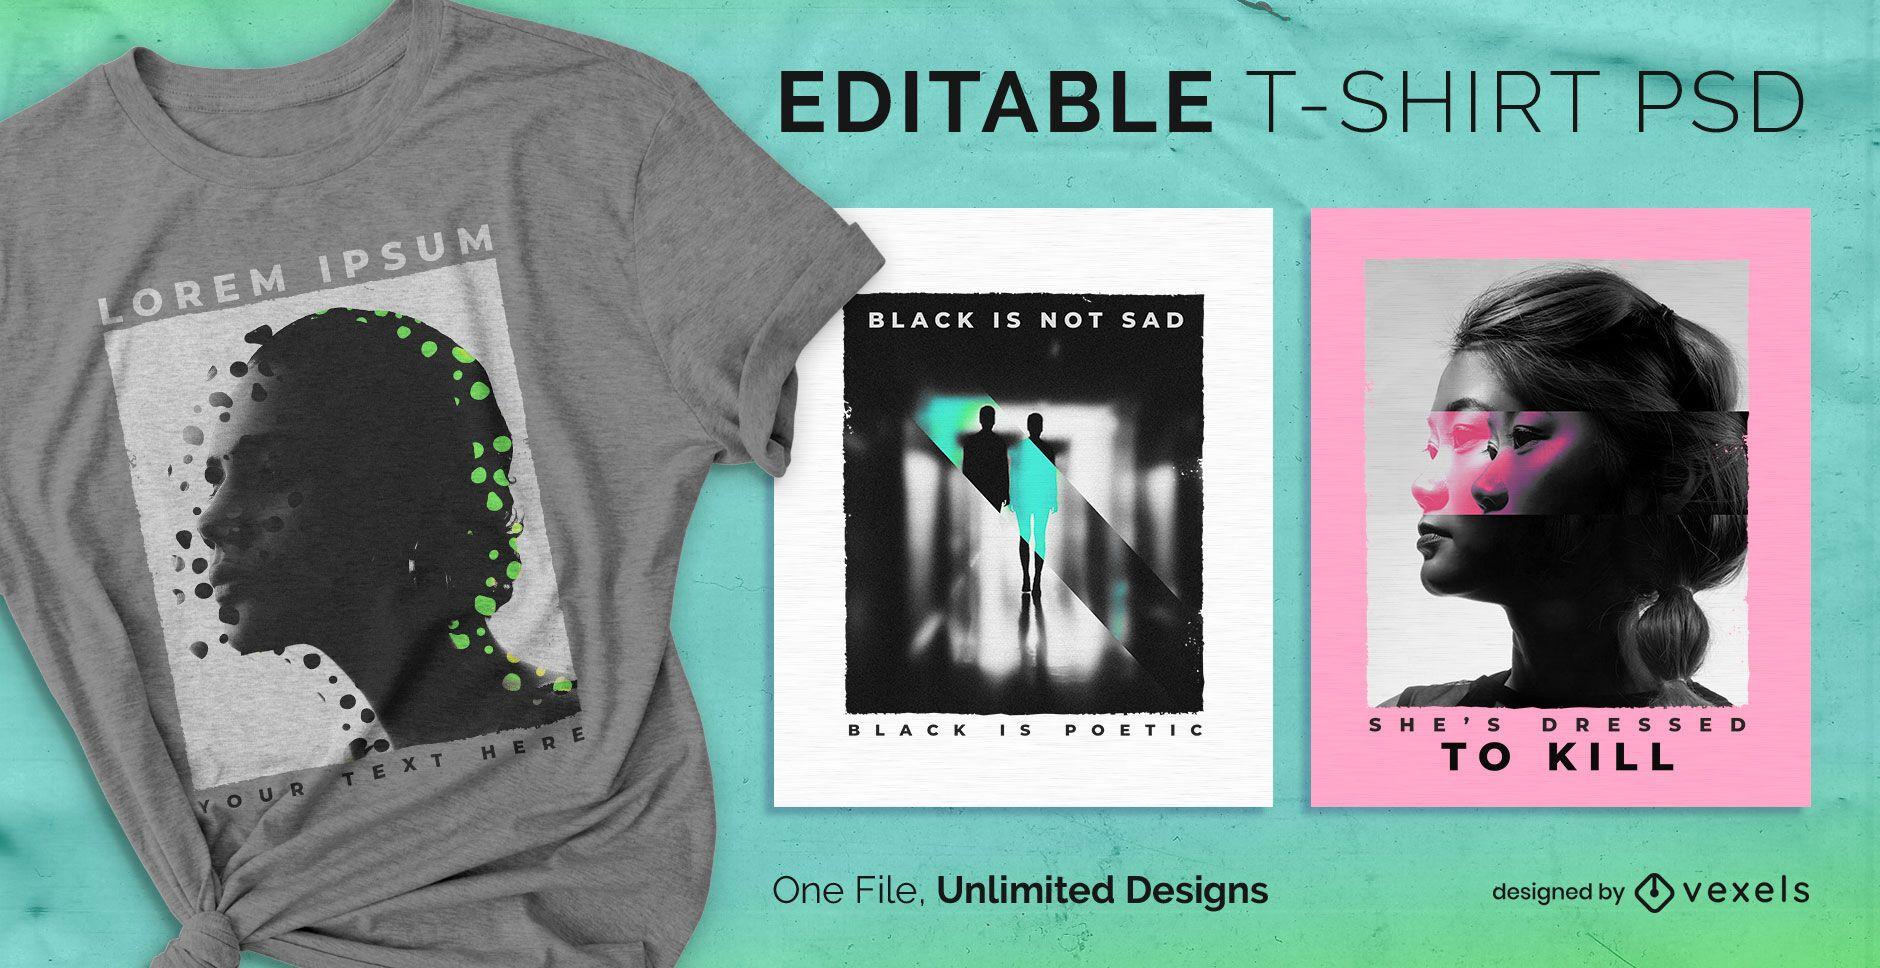 Duplicate scalable t-shirt psd